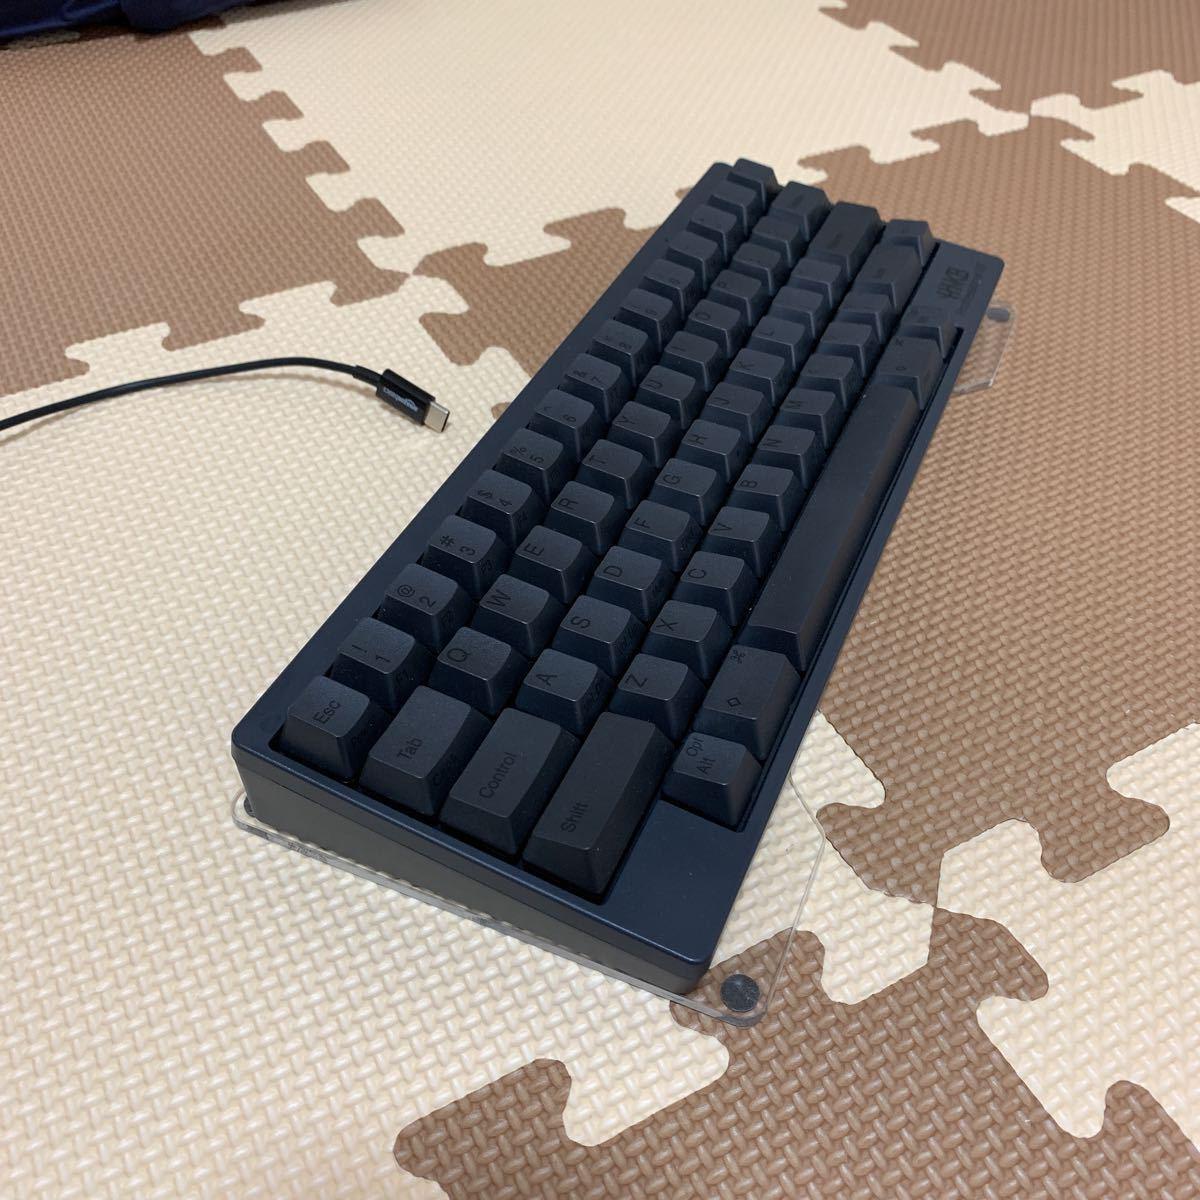 【中古美品】HHKB Professional BT PD-KB600B 墨 英語配列モデル かな無刻印 USキーボード おまけキーボードブリッジ_画像5